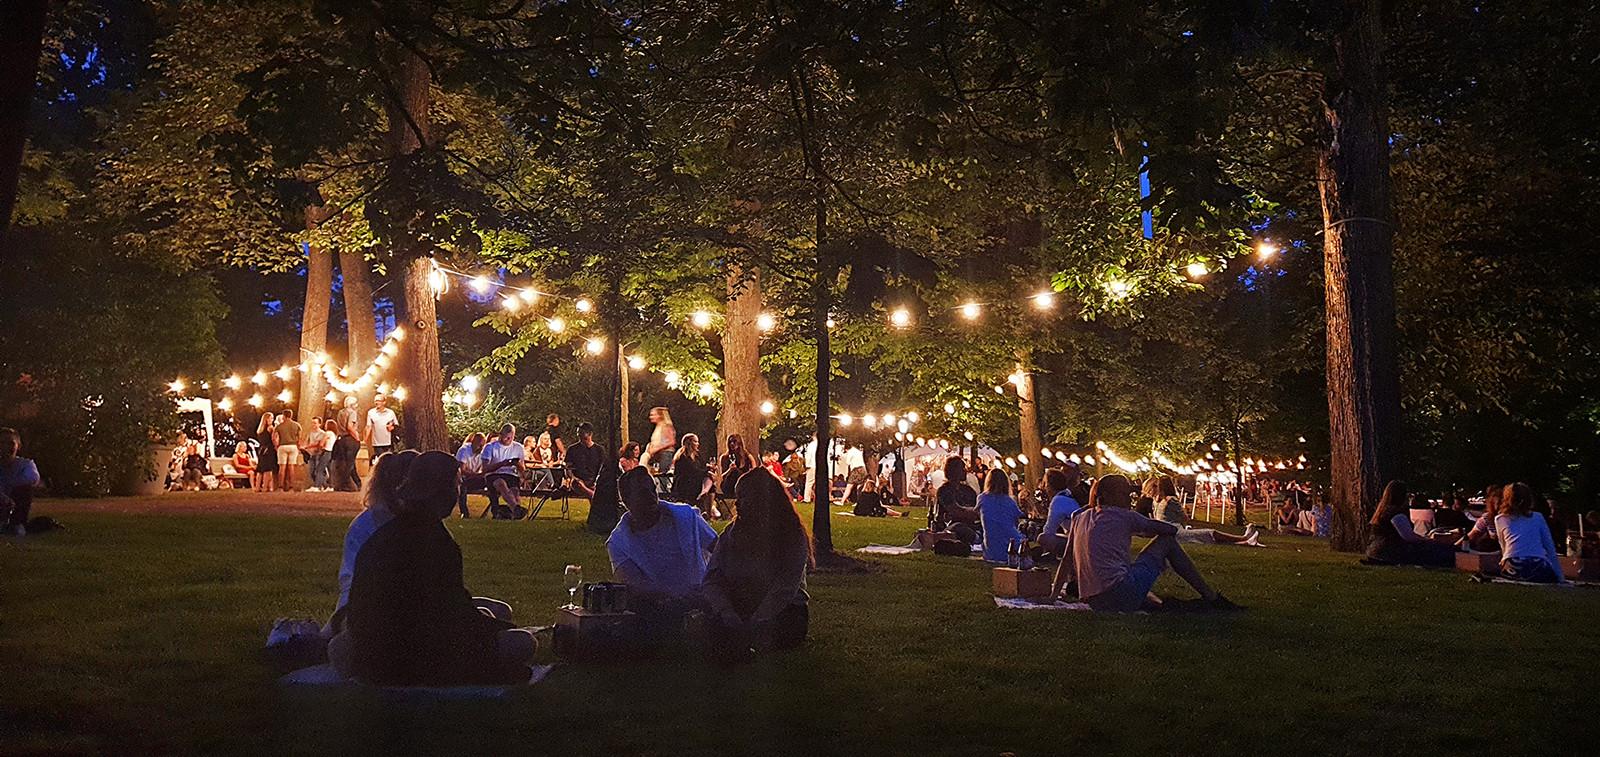 Ihmisiä istuskelemassa iltapimeällä Tuomiokirkon terassin puistossa.